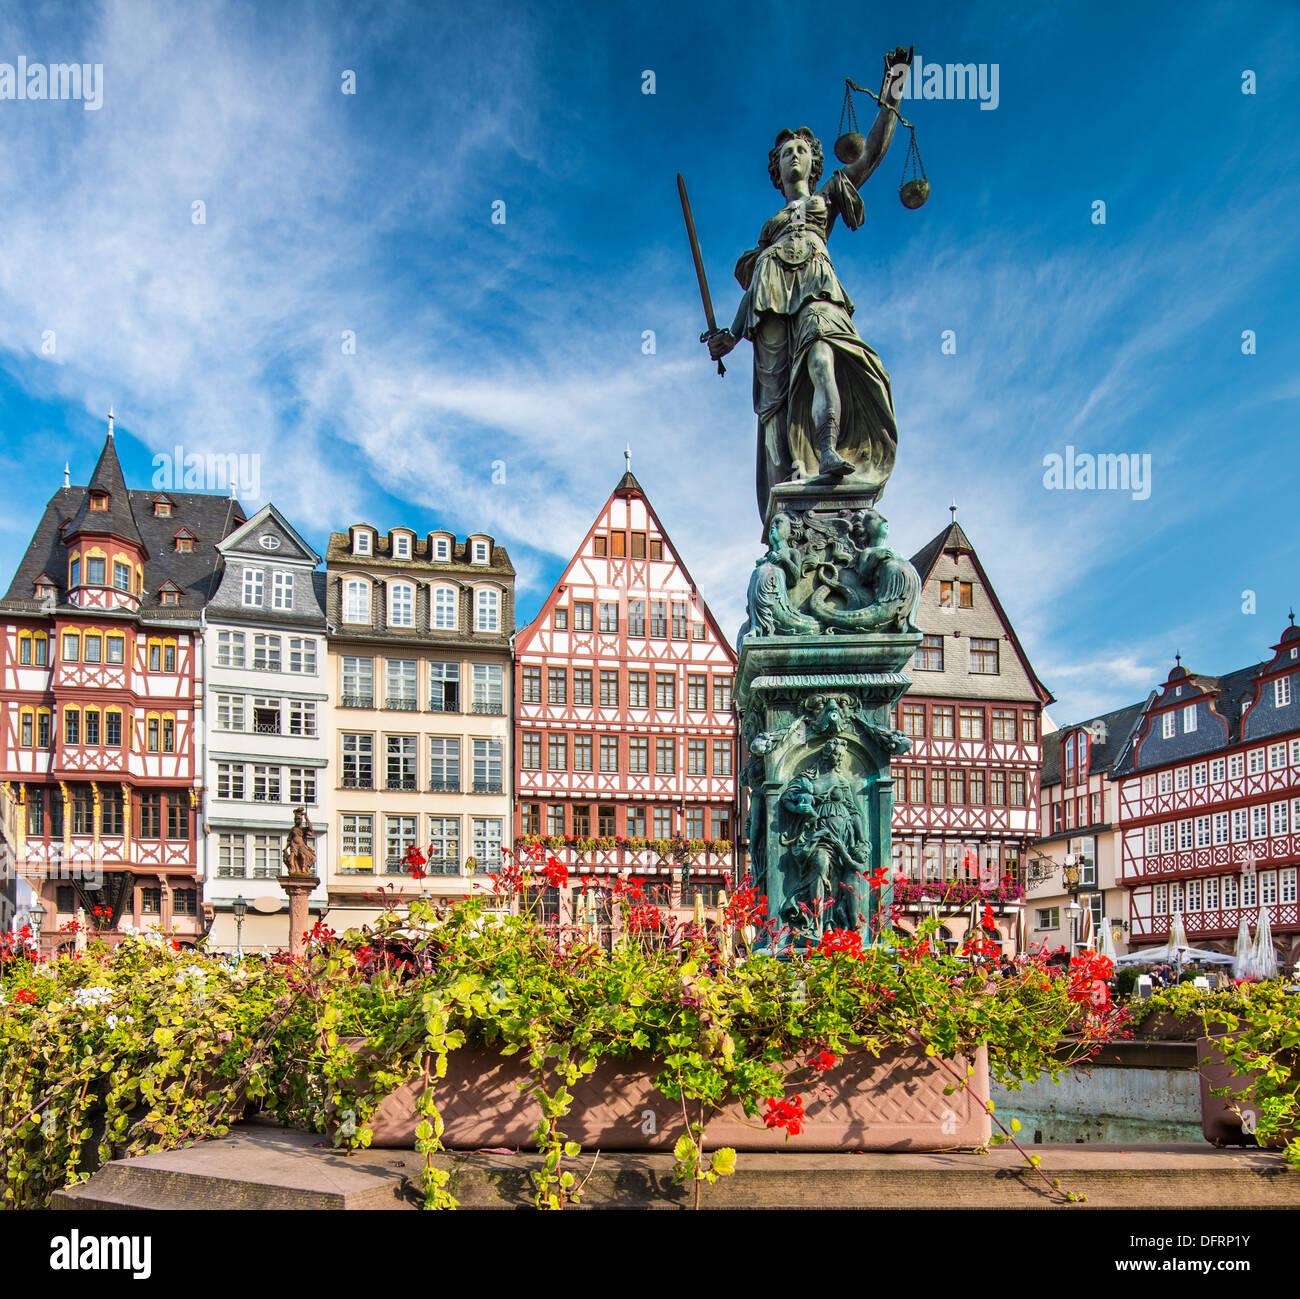 La vieille ville de Francfort, Allemagne. Photo Stock